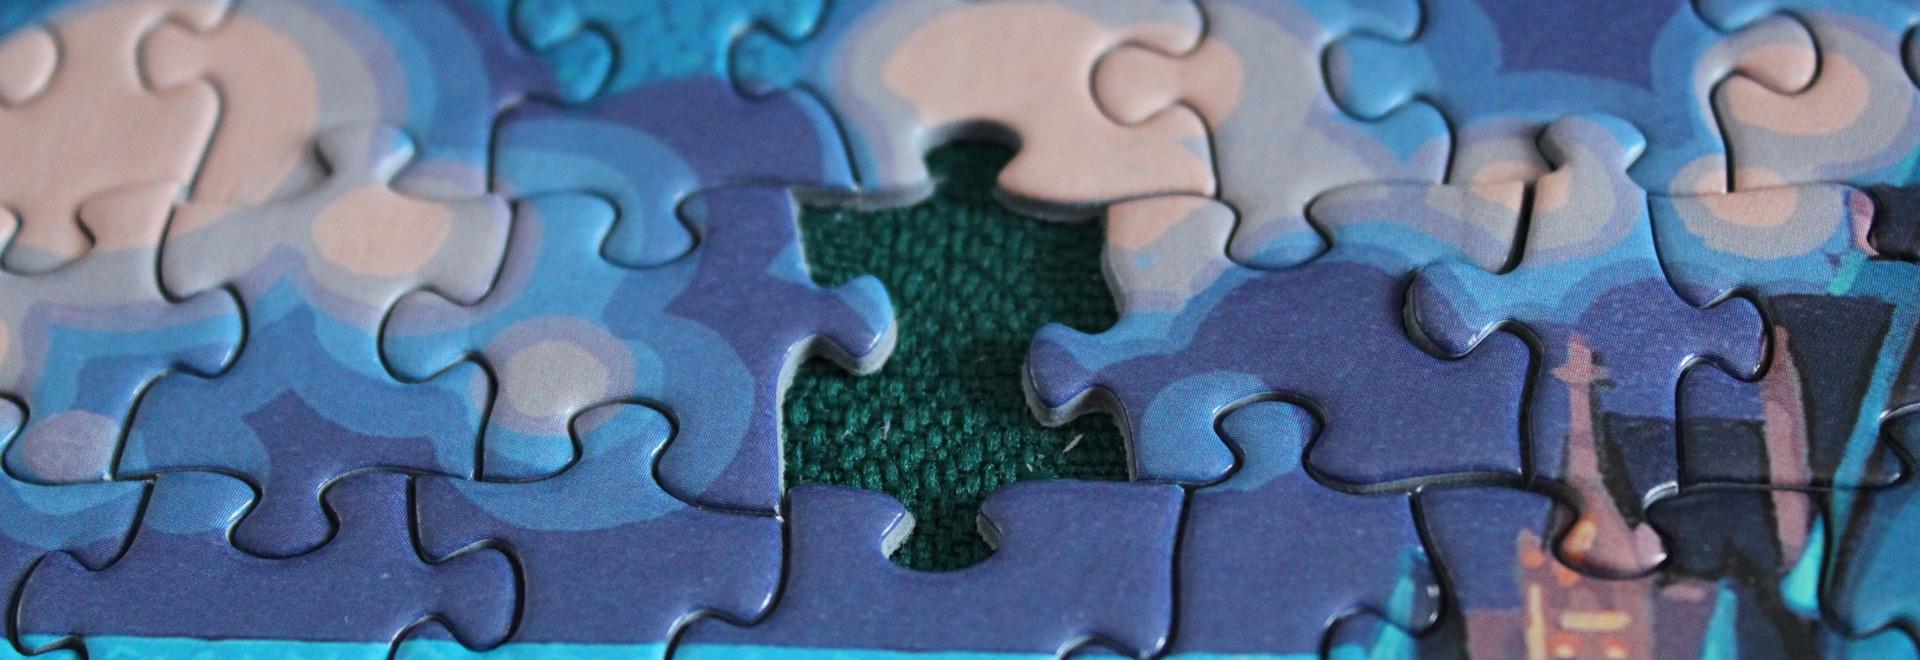 Puzzle Hero Image